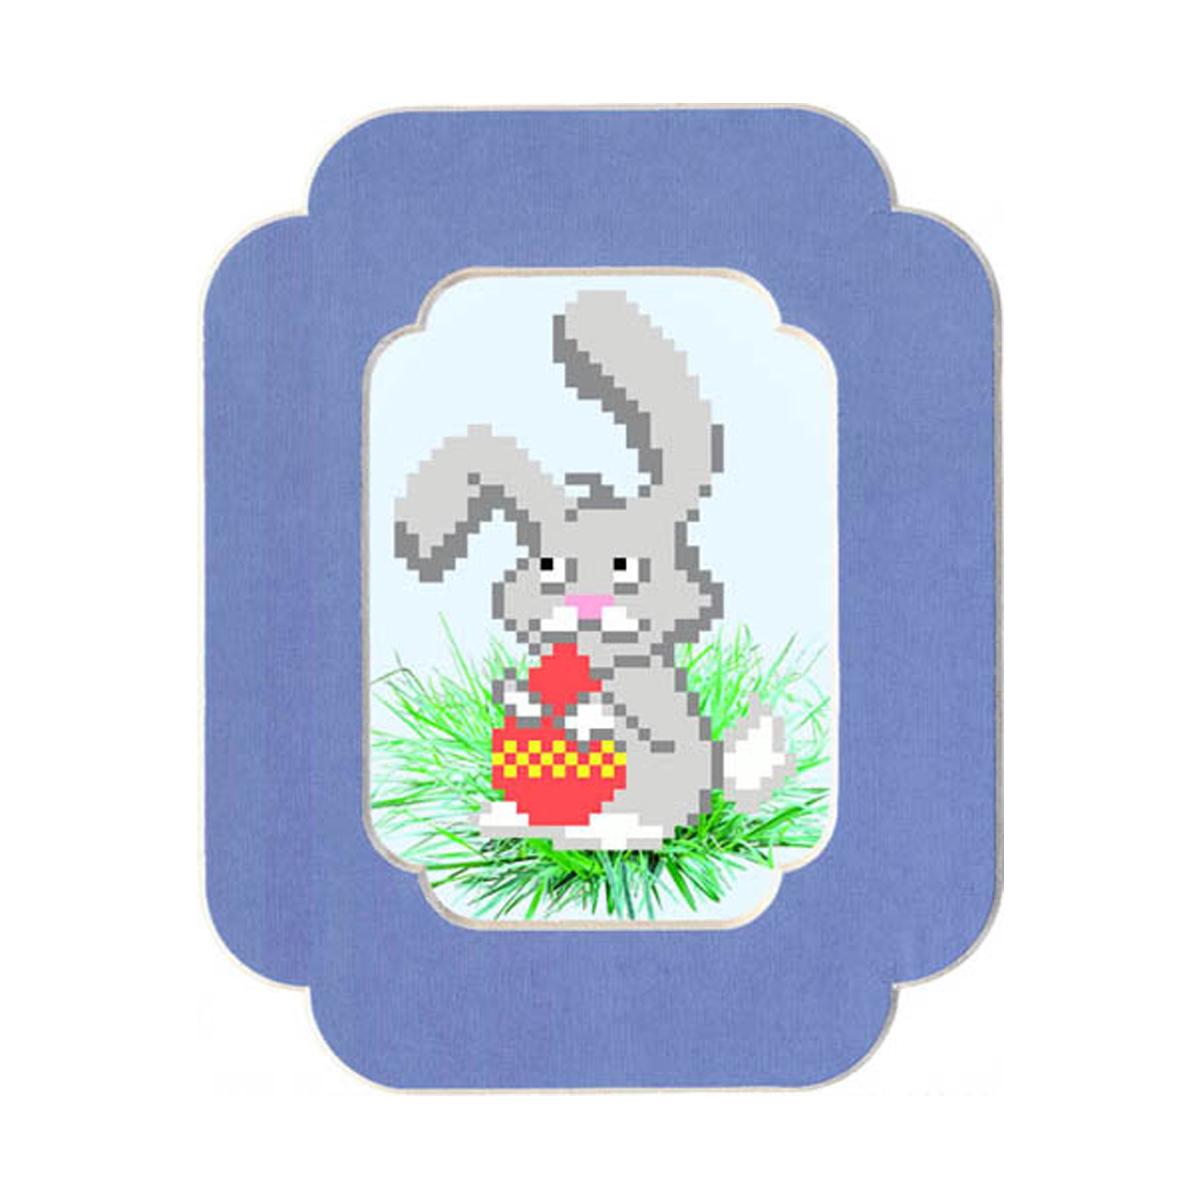 Наборы для вышивания с бисером и паспарту Матренин Посад Пасхальный кролик, 13 см х 18 см. 90/БП699463В состав набора входит: ткань с нанесенным рисунком, бисер, нить для пришива бисера, бабинка для нитки, игла для бисера, инструкция, паспарту с фигурным вырезом, цвет фиолетовый. Размер паспарту 13x18. Размер рисунка 7x10.